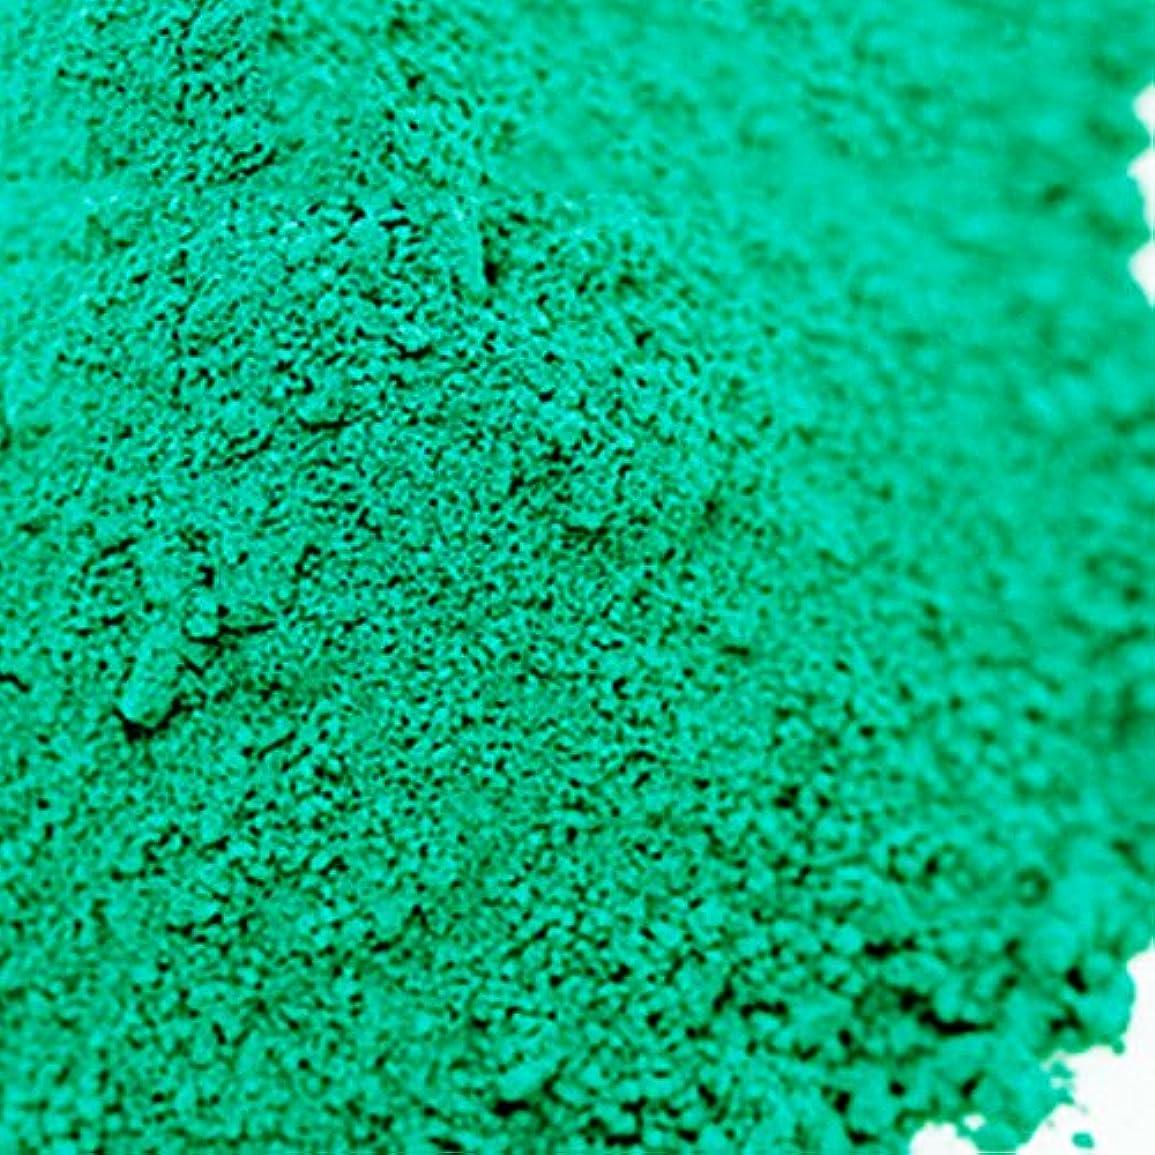 量でホーム行進水酸化クロム グリーン 5g 【手作り石鹸/手作りコスメ/色付け/カラーラント/緑】